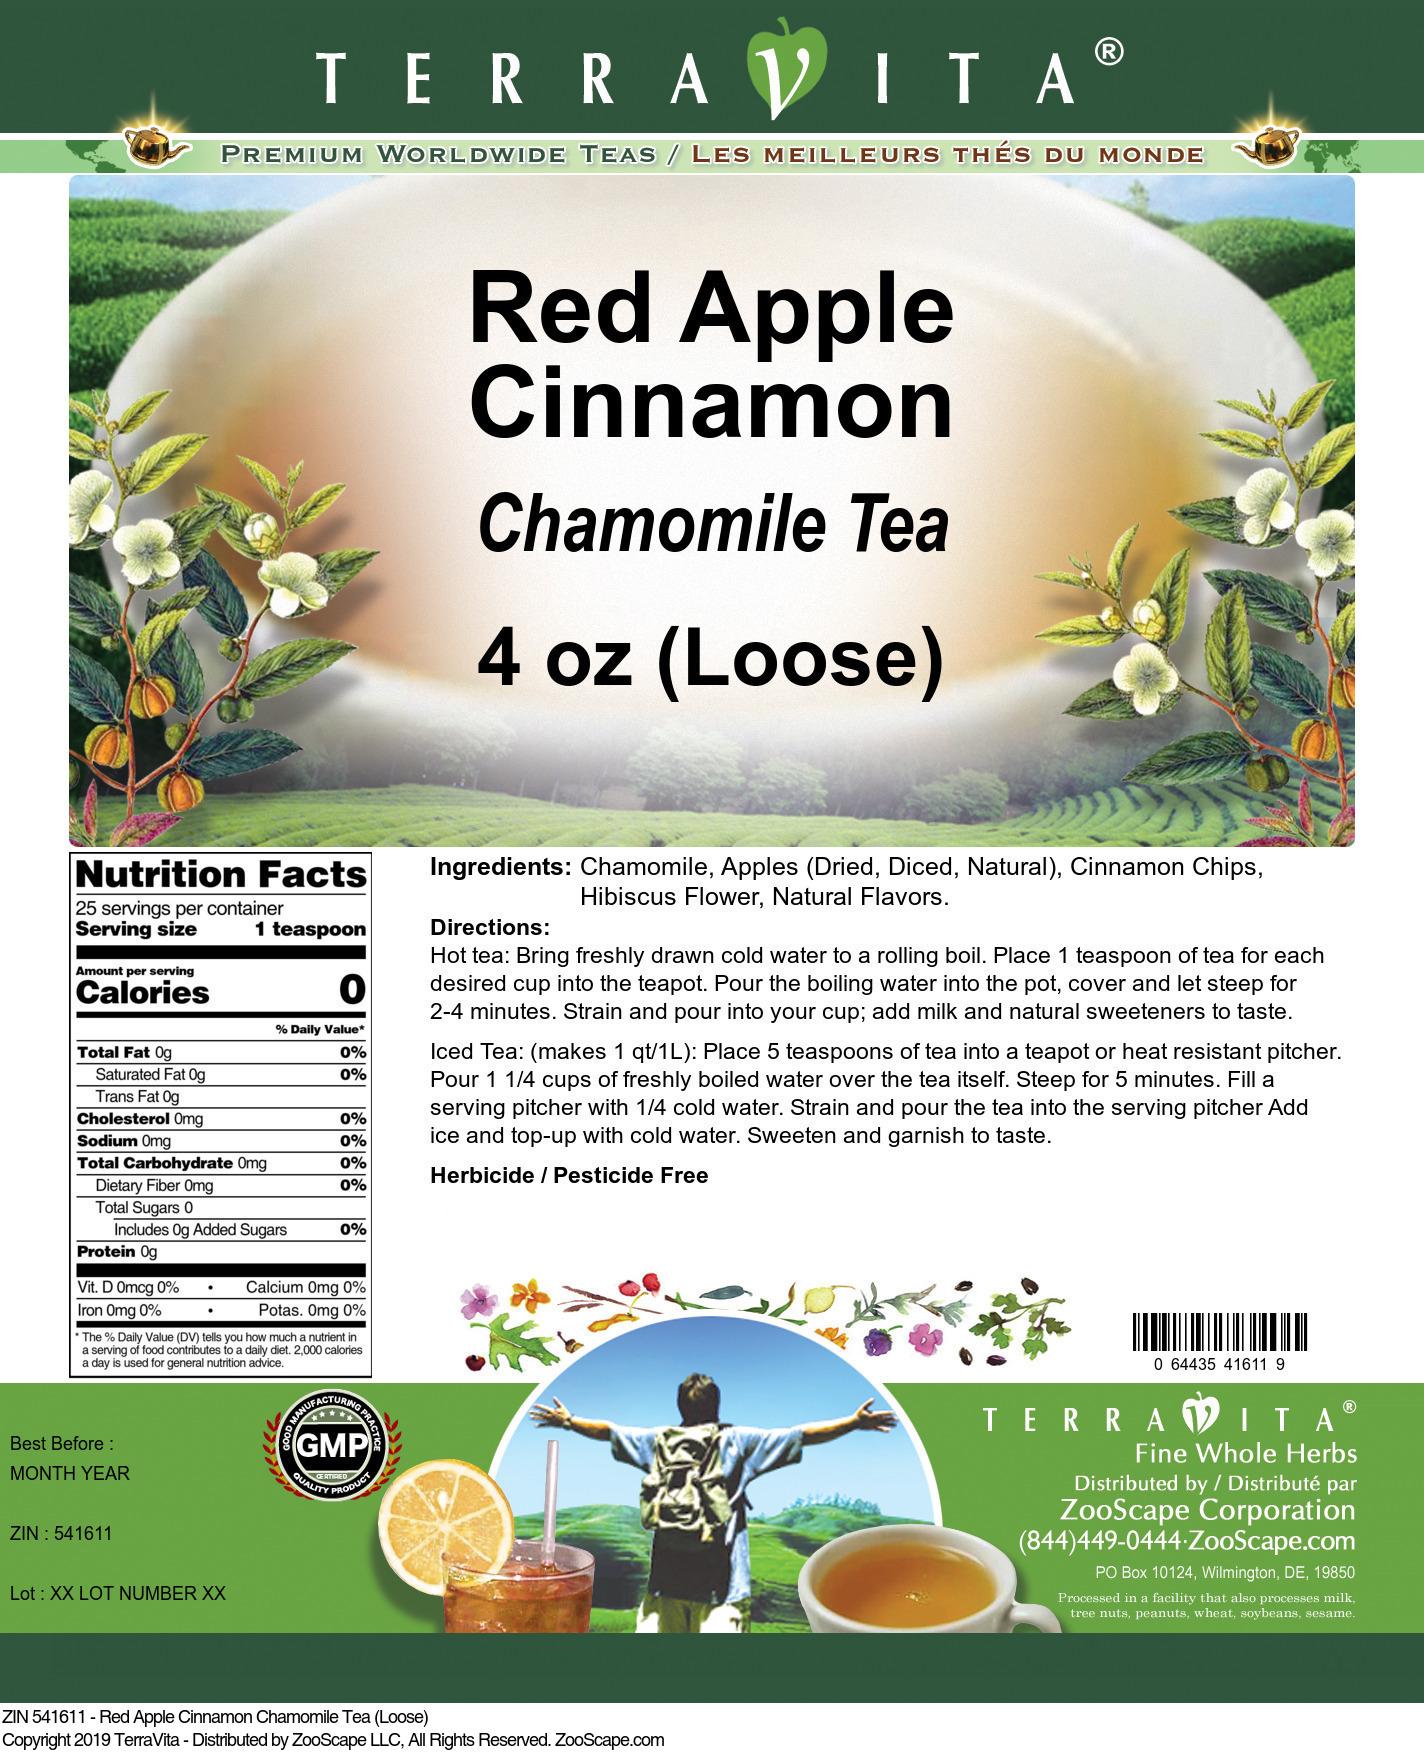 Red Apple Cinnamon Chamomile Tea (Loose)